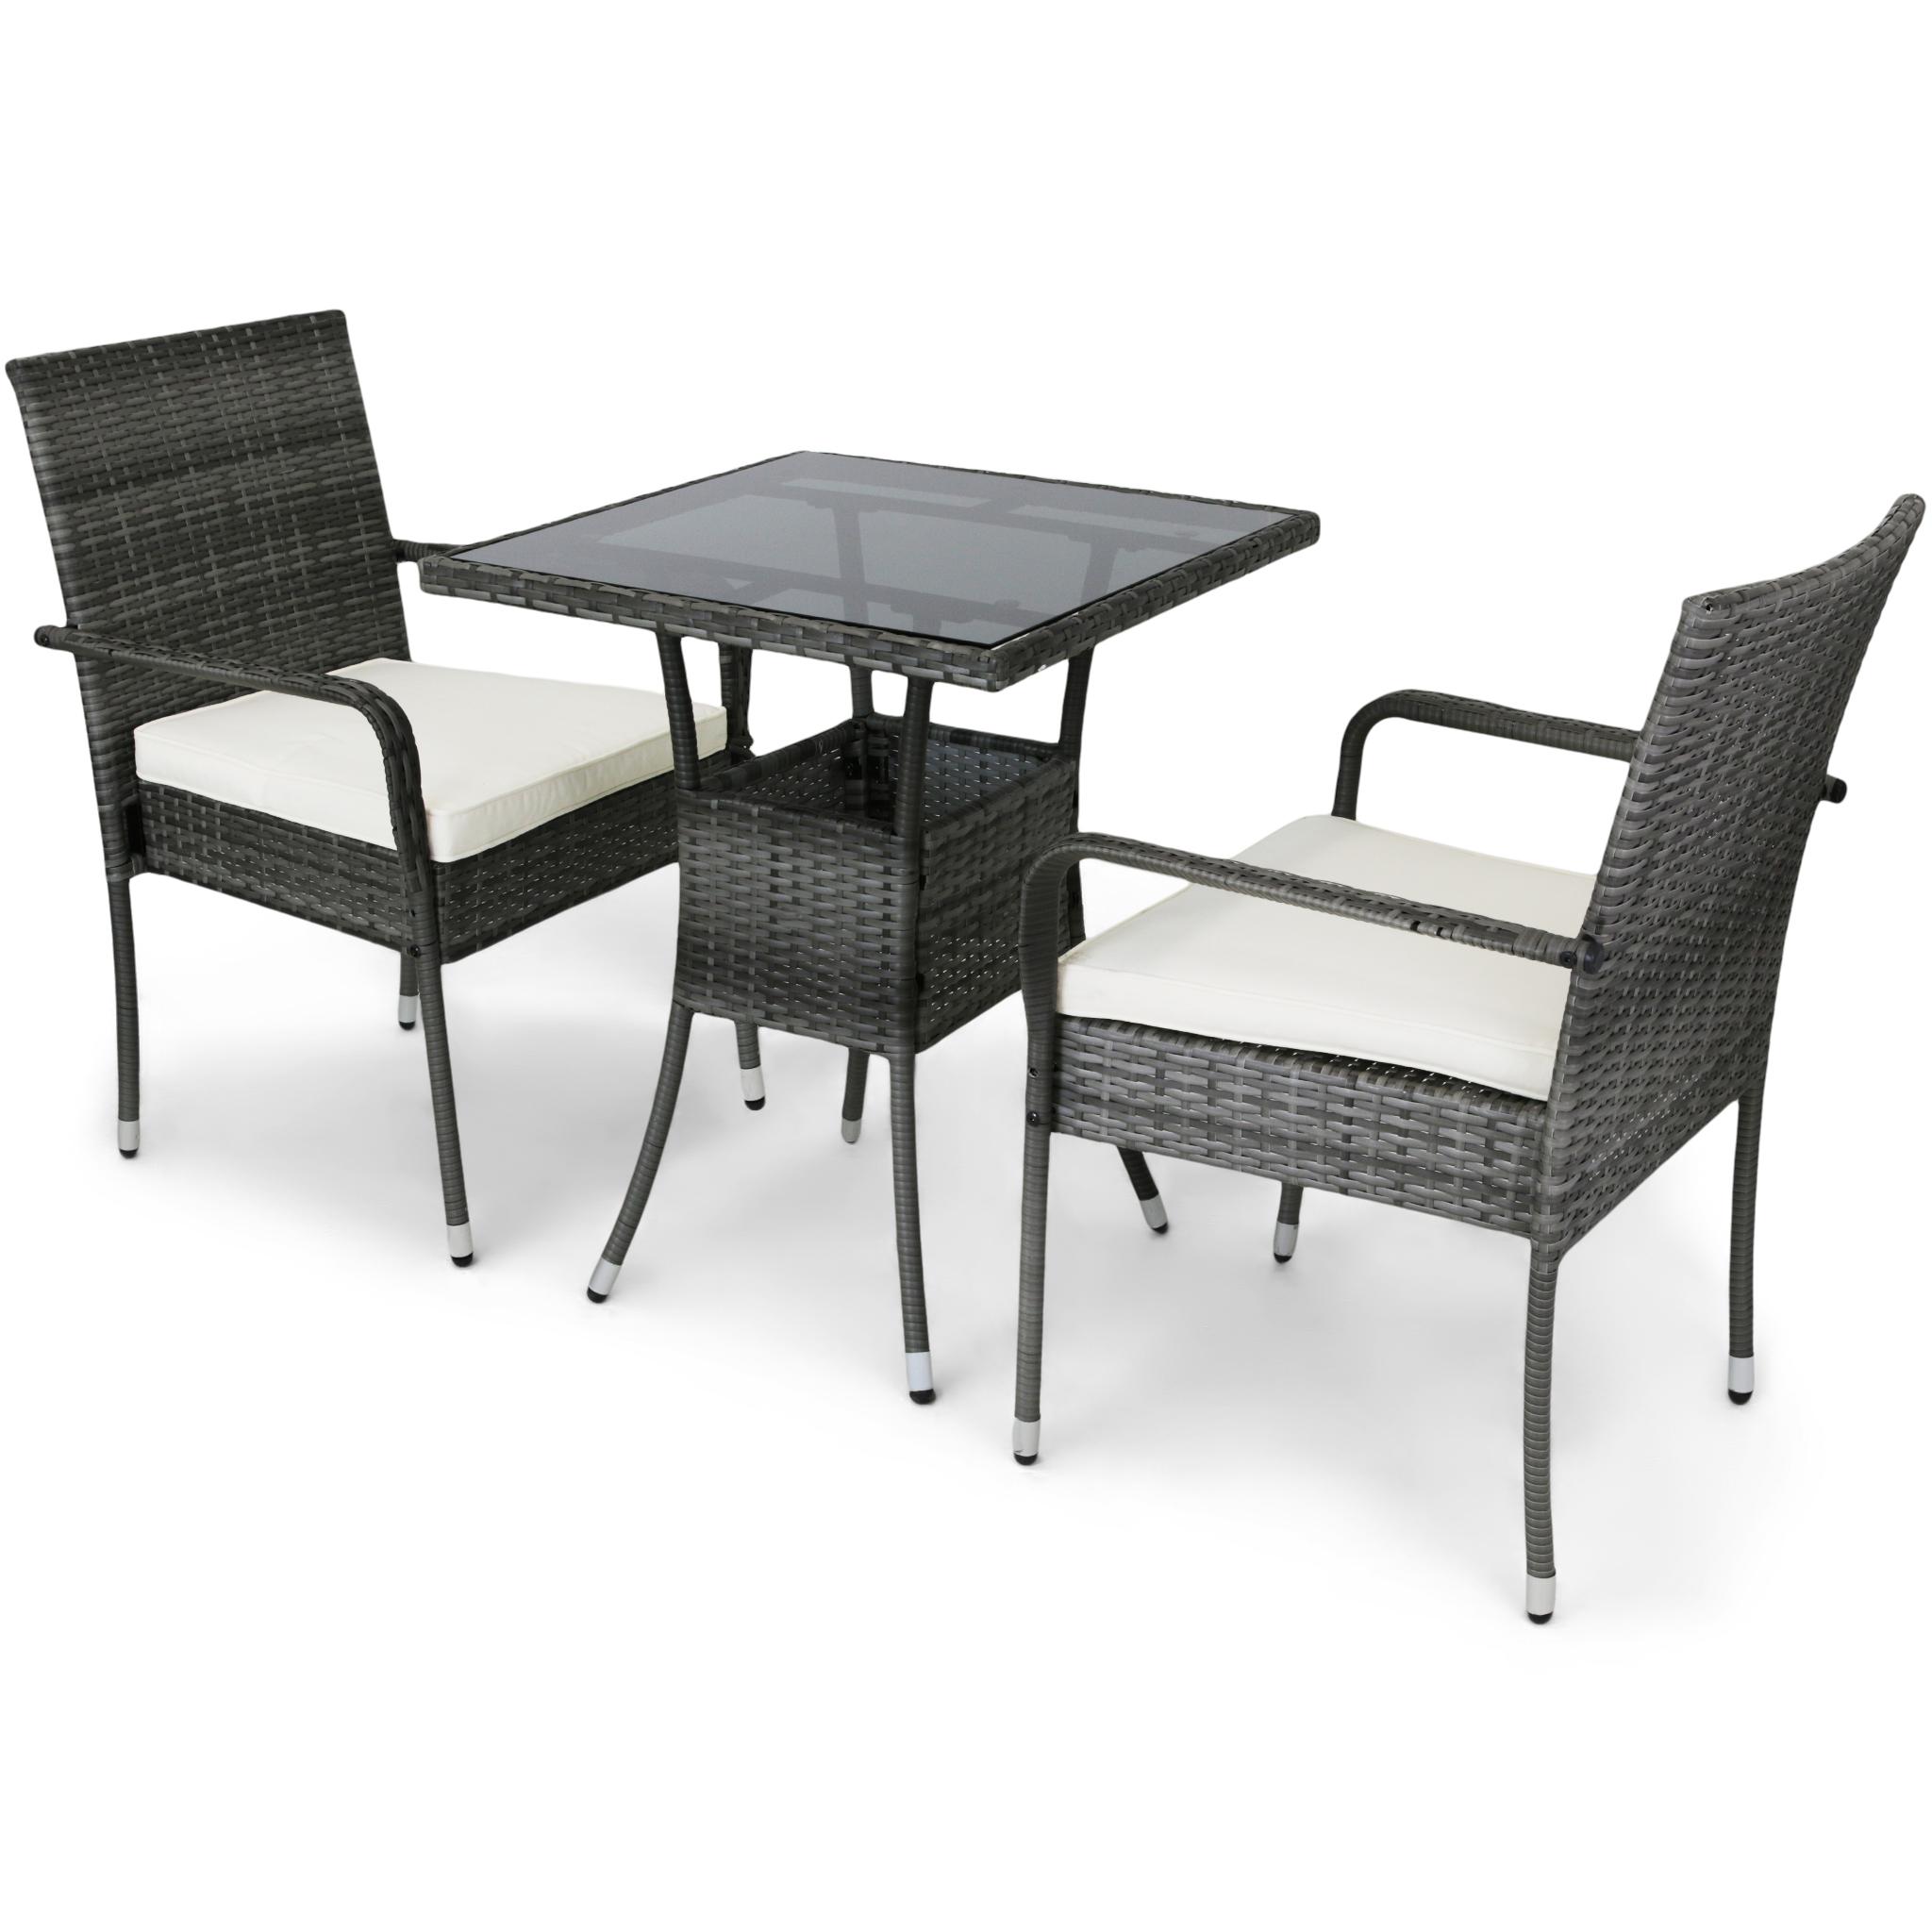 Välkända Caféset utemöbler för balkong i konstrotting - ursula.se KF-18